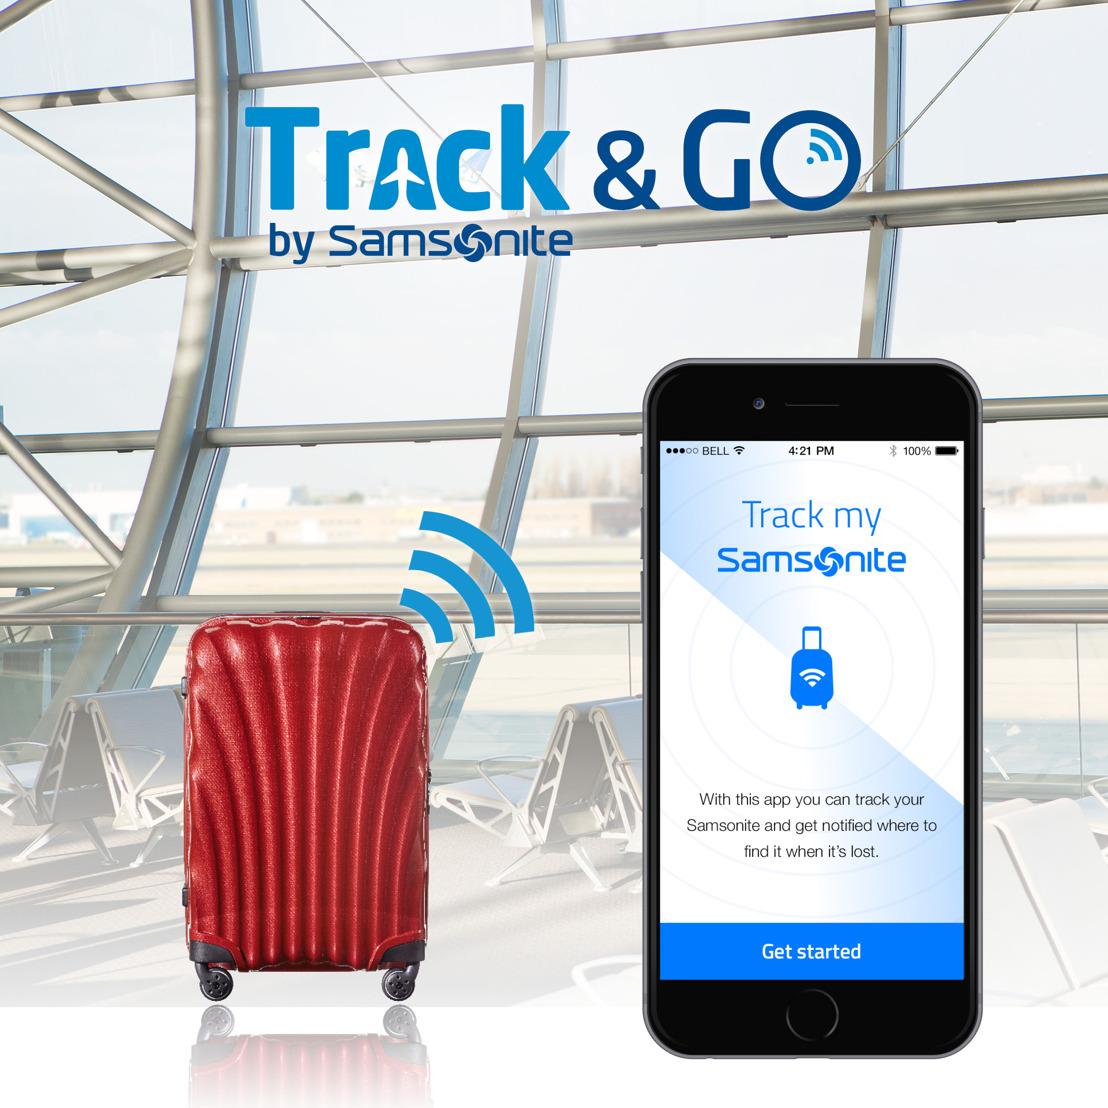 Samsonite présente Track&Go™, une solution fiable pour récupérer les bagages perdus, grâce à Eddystone-EID de Google